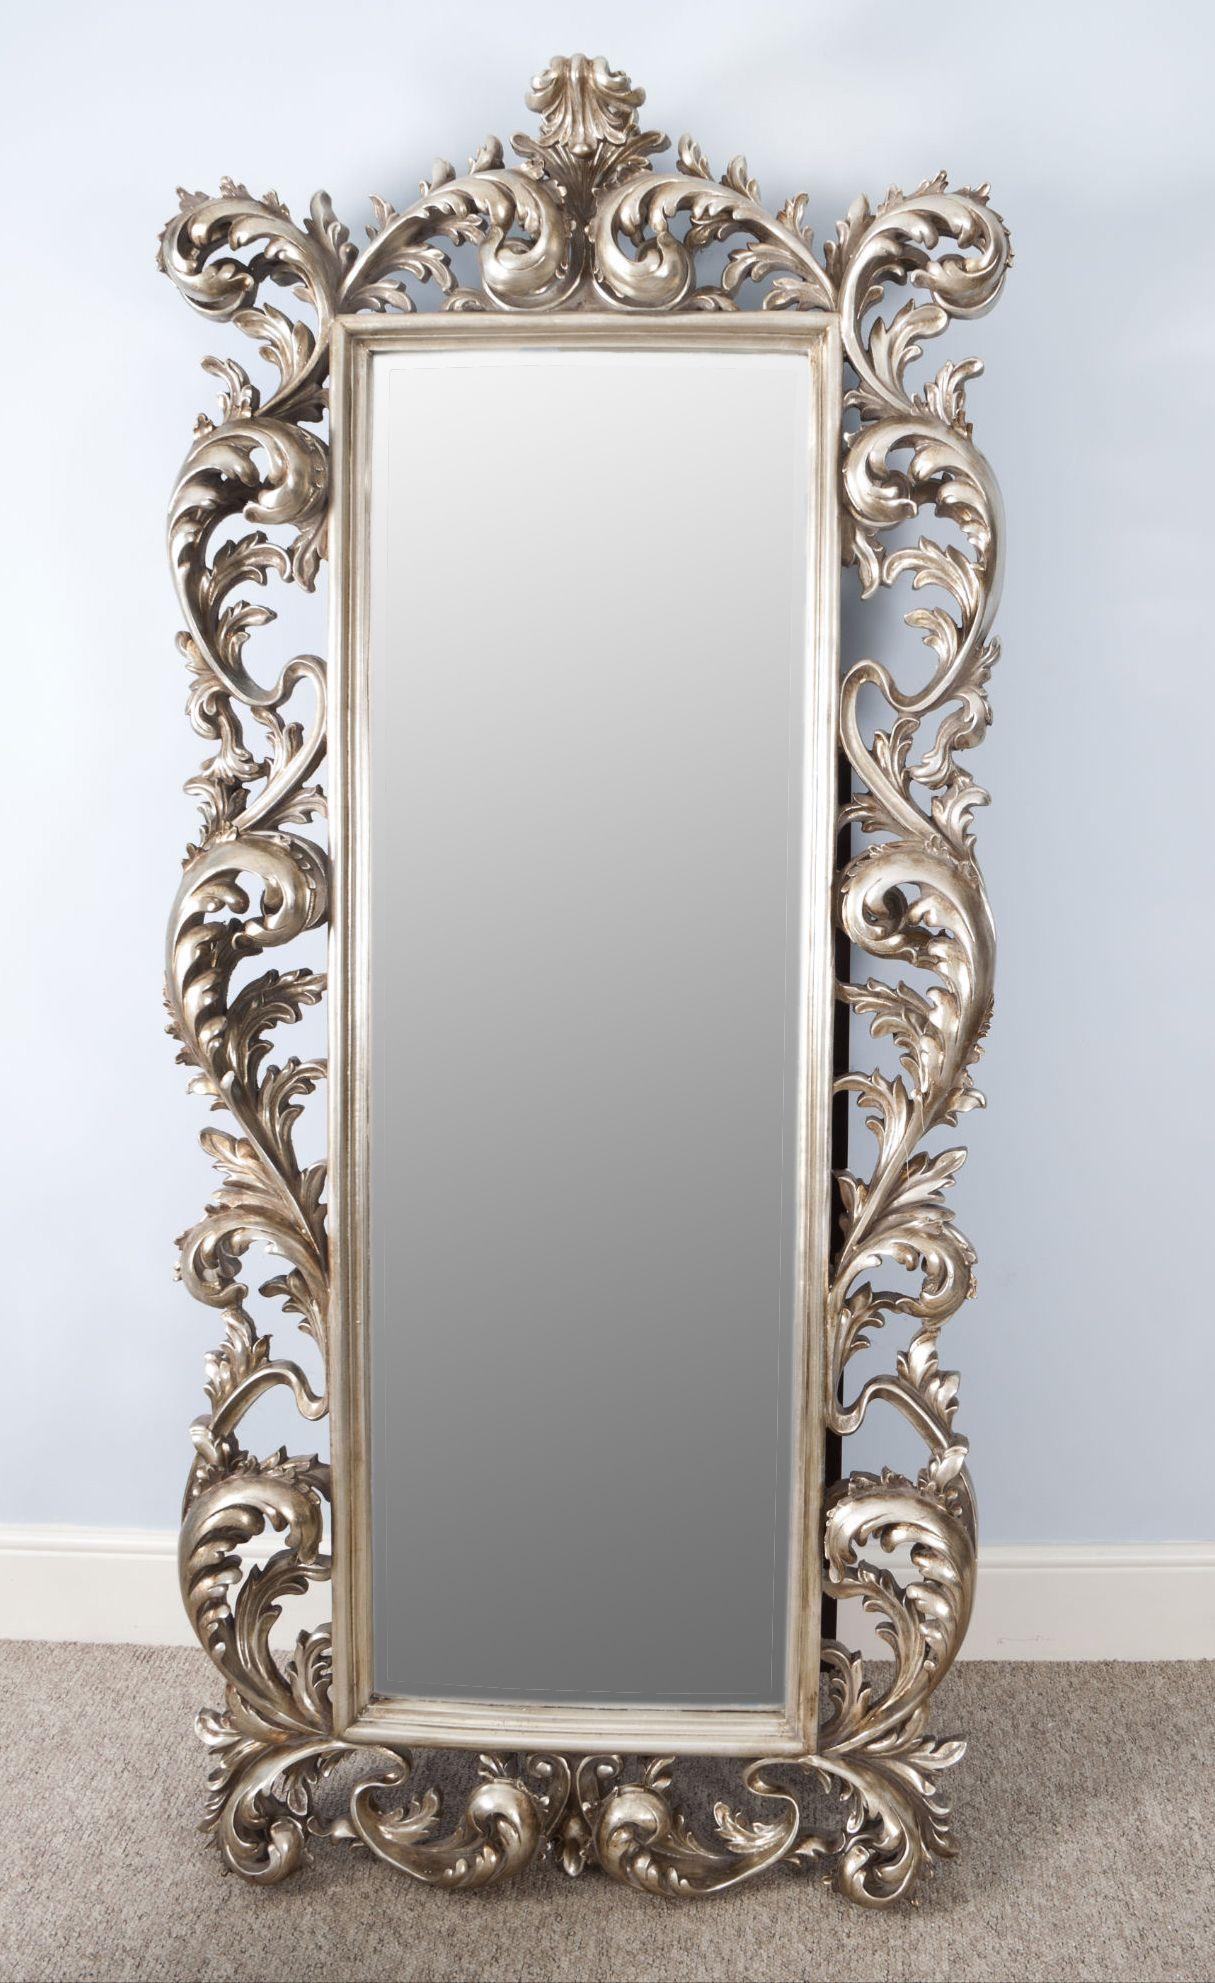 Antique Mirror Wall Clock Vintage Wall Mirror Chain Vintage Mirror With Antique Wall Mirror (Image 2 of 20)